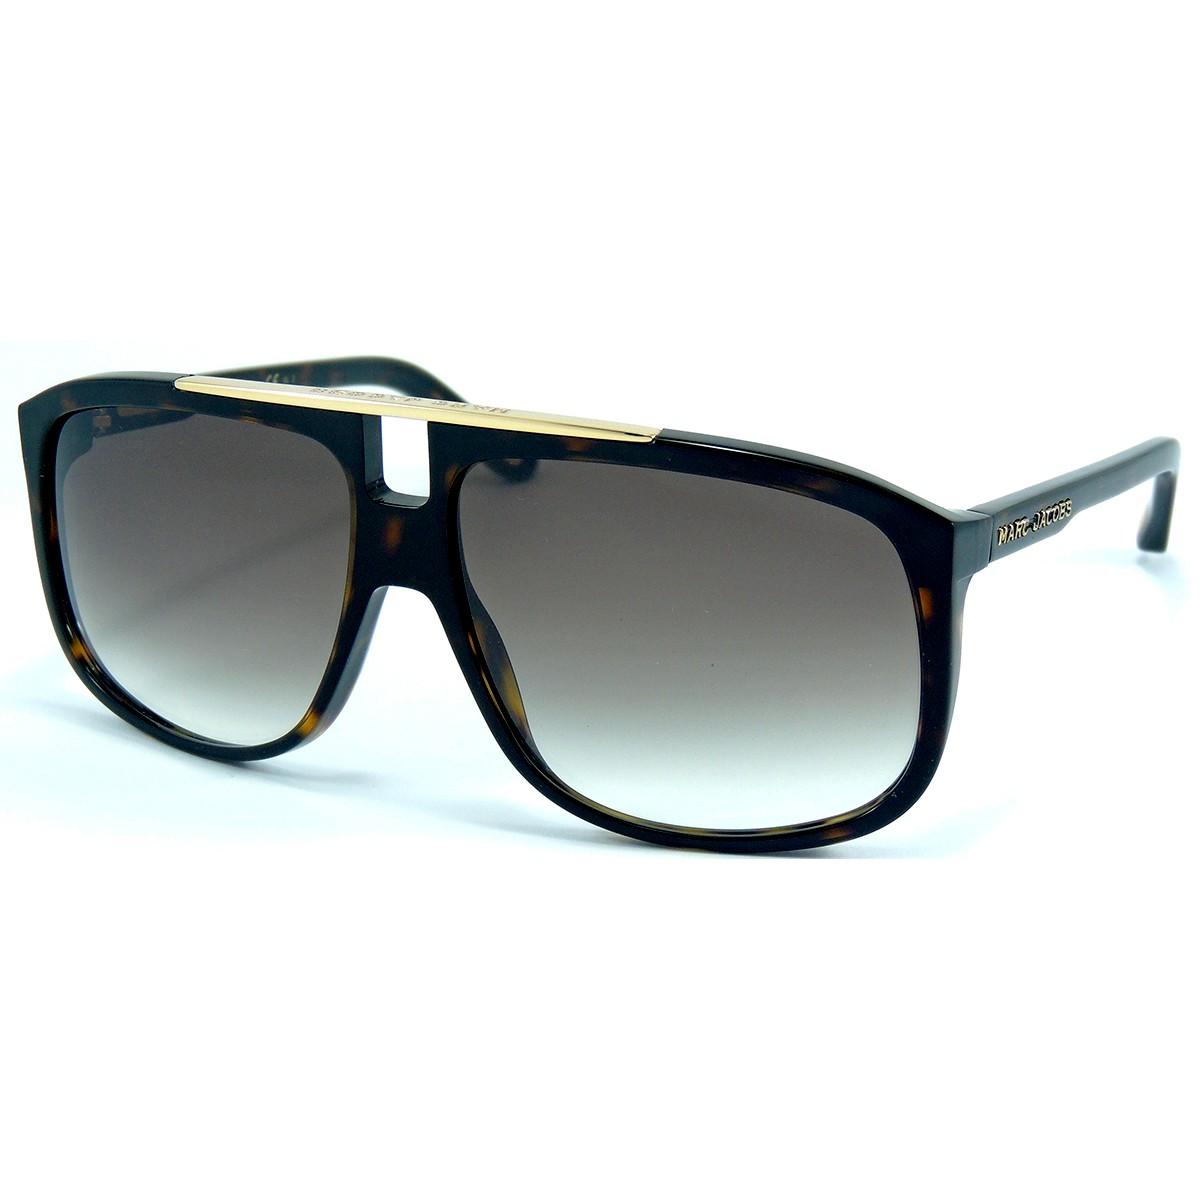 f23173ca1f96c Compre Óculos de Sol Marc Jacobs em 10X